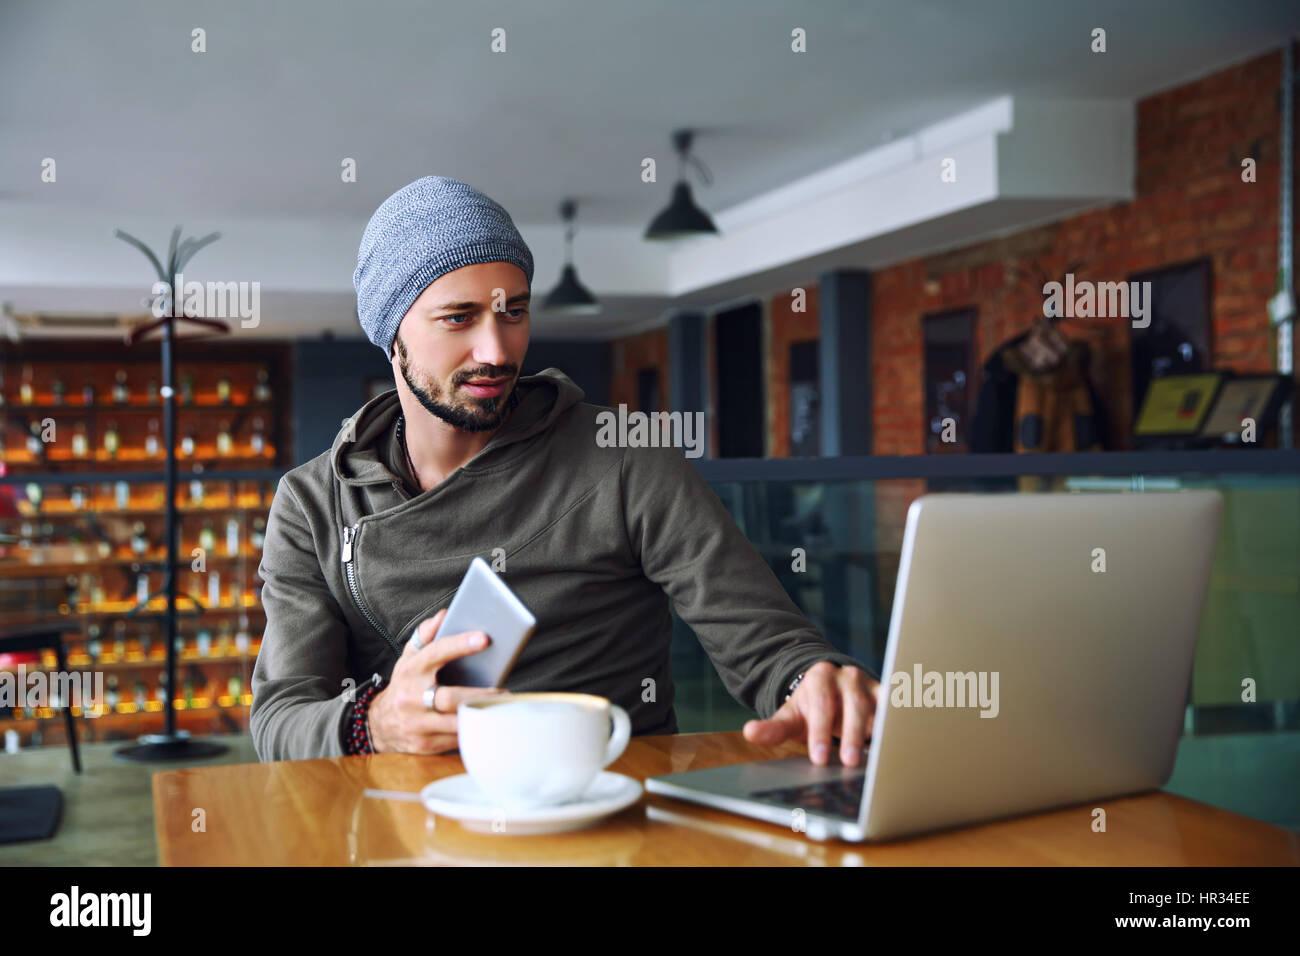 Joven apuesto hipster hombre con barba está utilizando equipo de cafetería Imagen De Stock